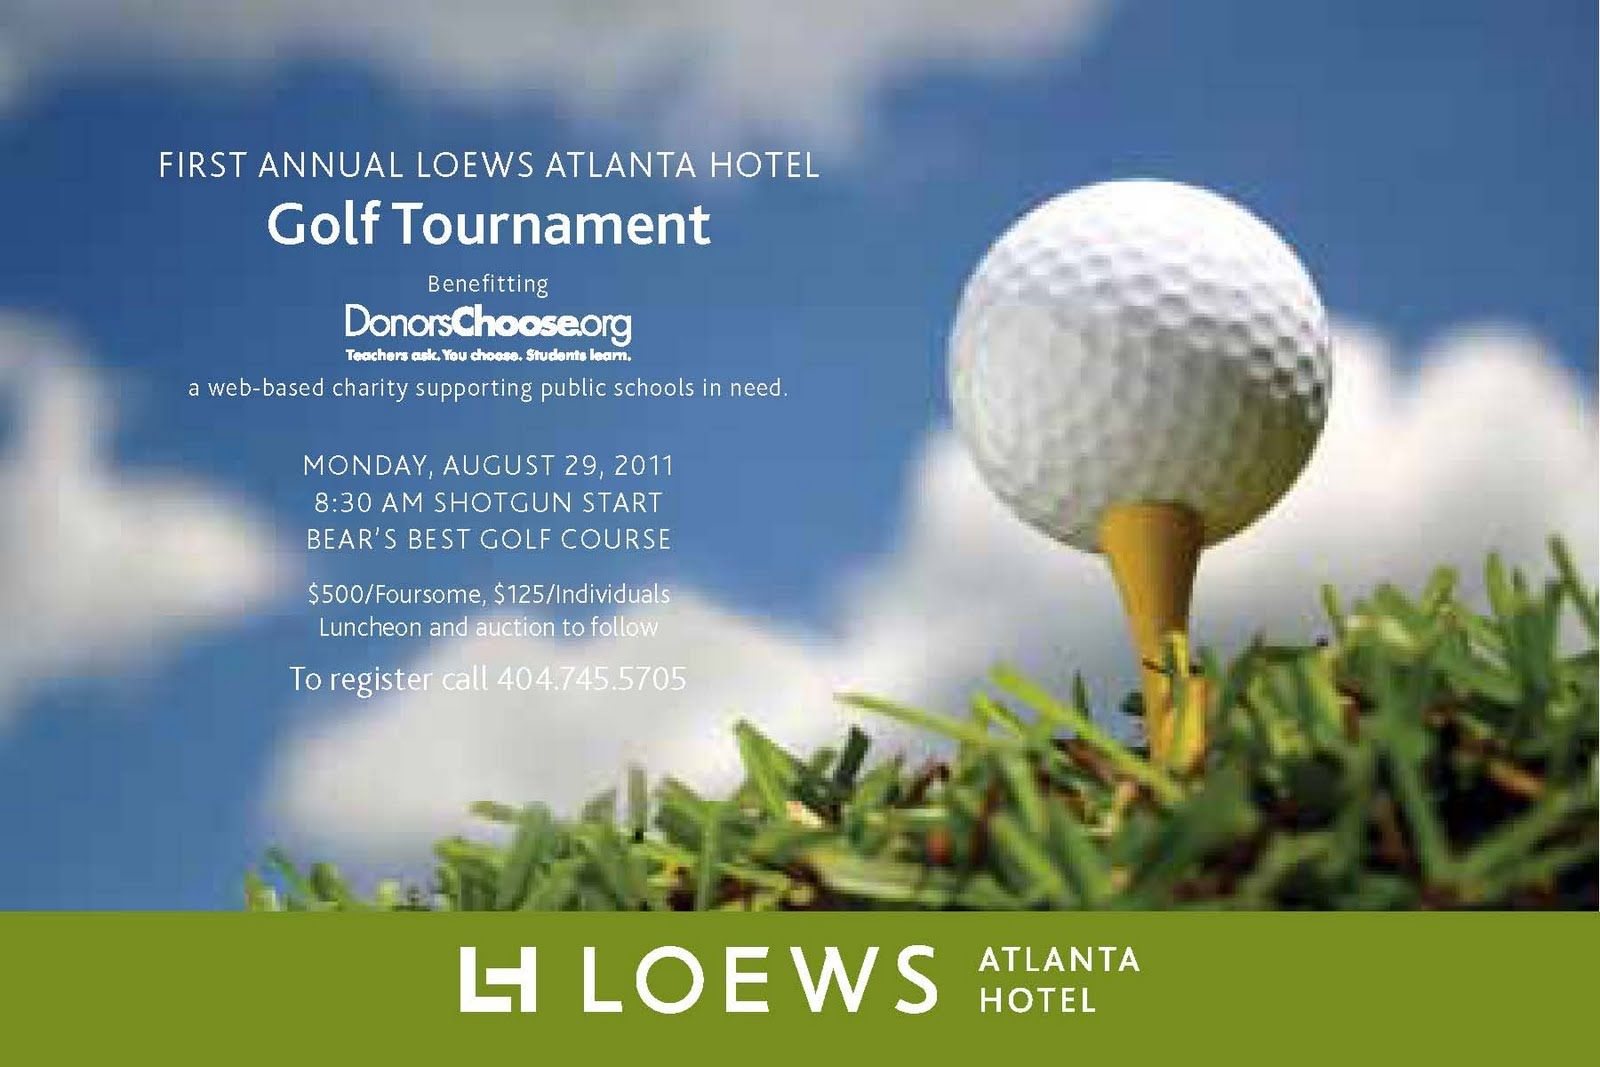 Golf Outing Flyer Golf Tournament Pinterest – Golf Tournament Flyer Template